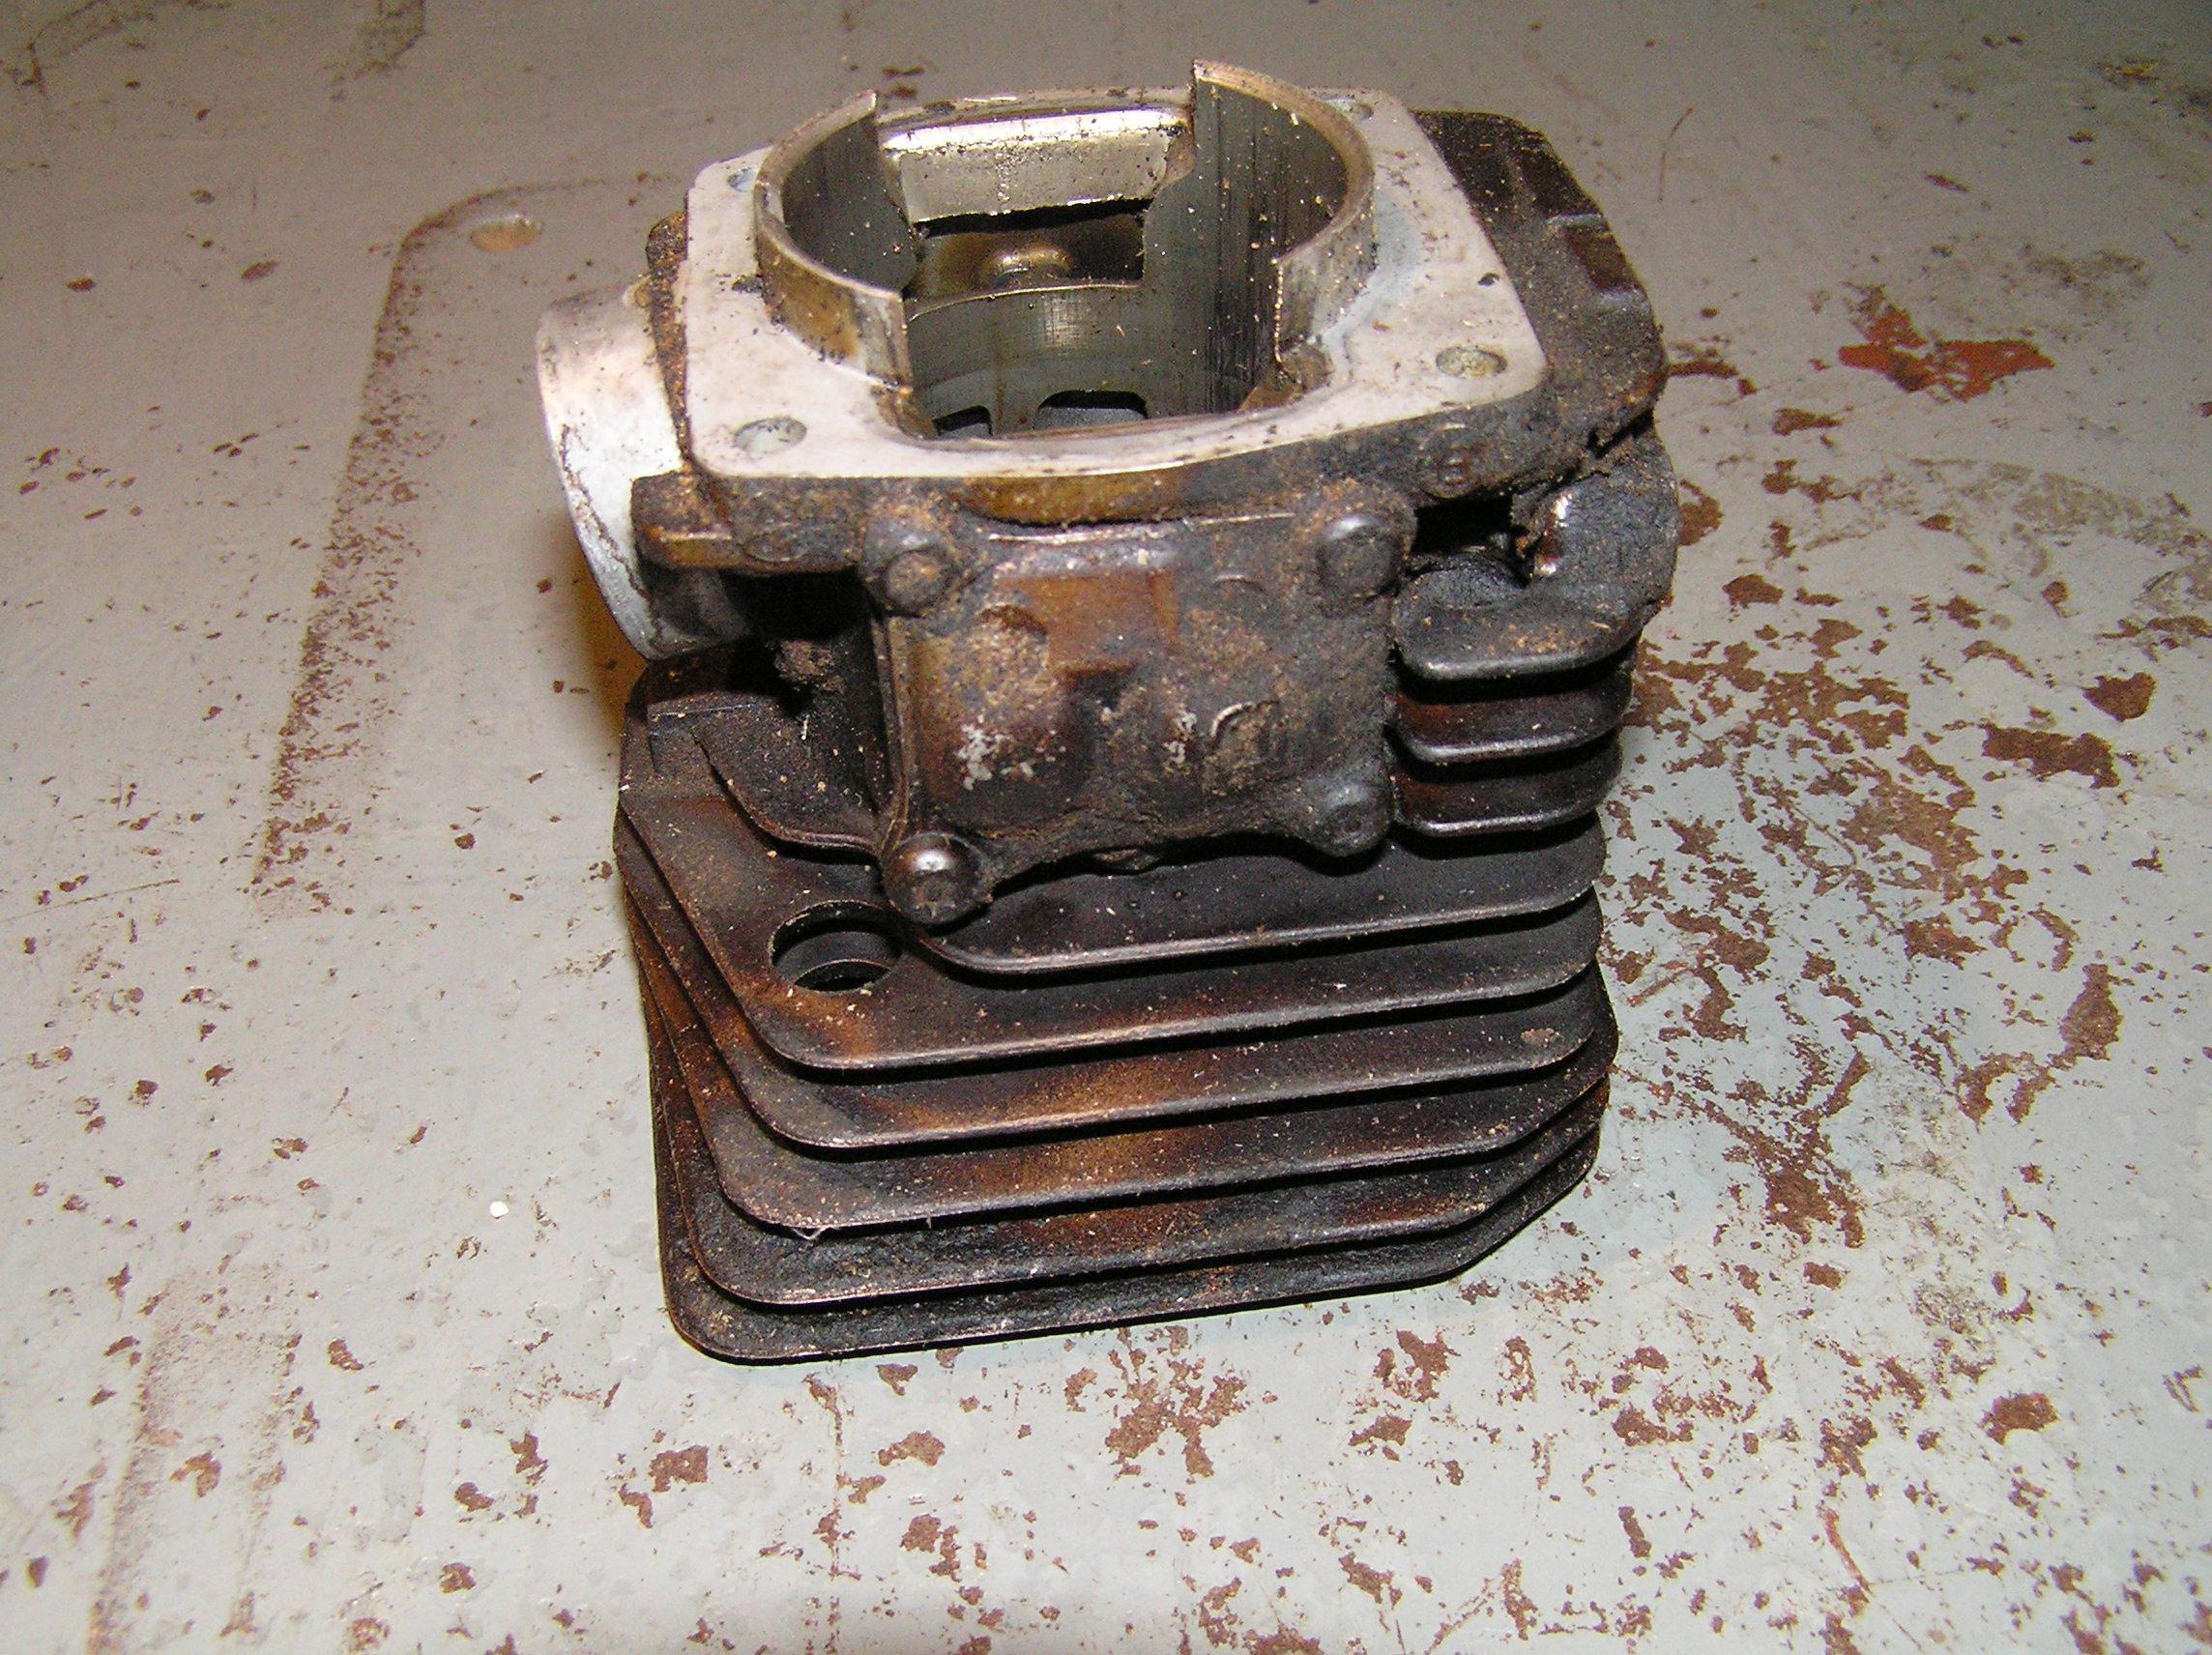 czyszczenie elementow pilarek spalinowych 1 - Photo Gallery